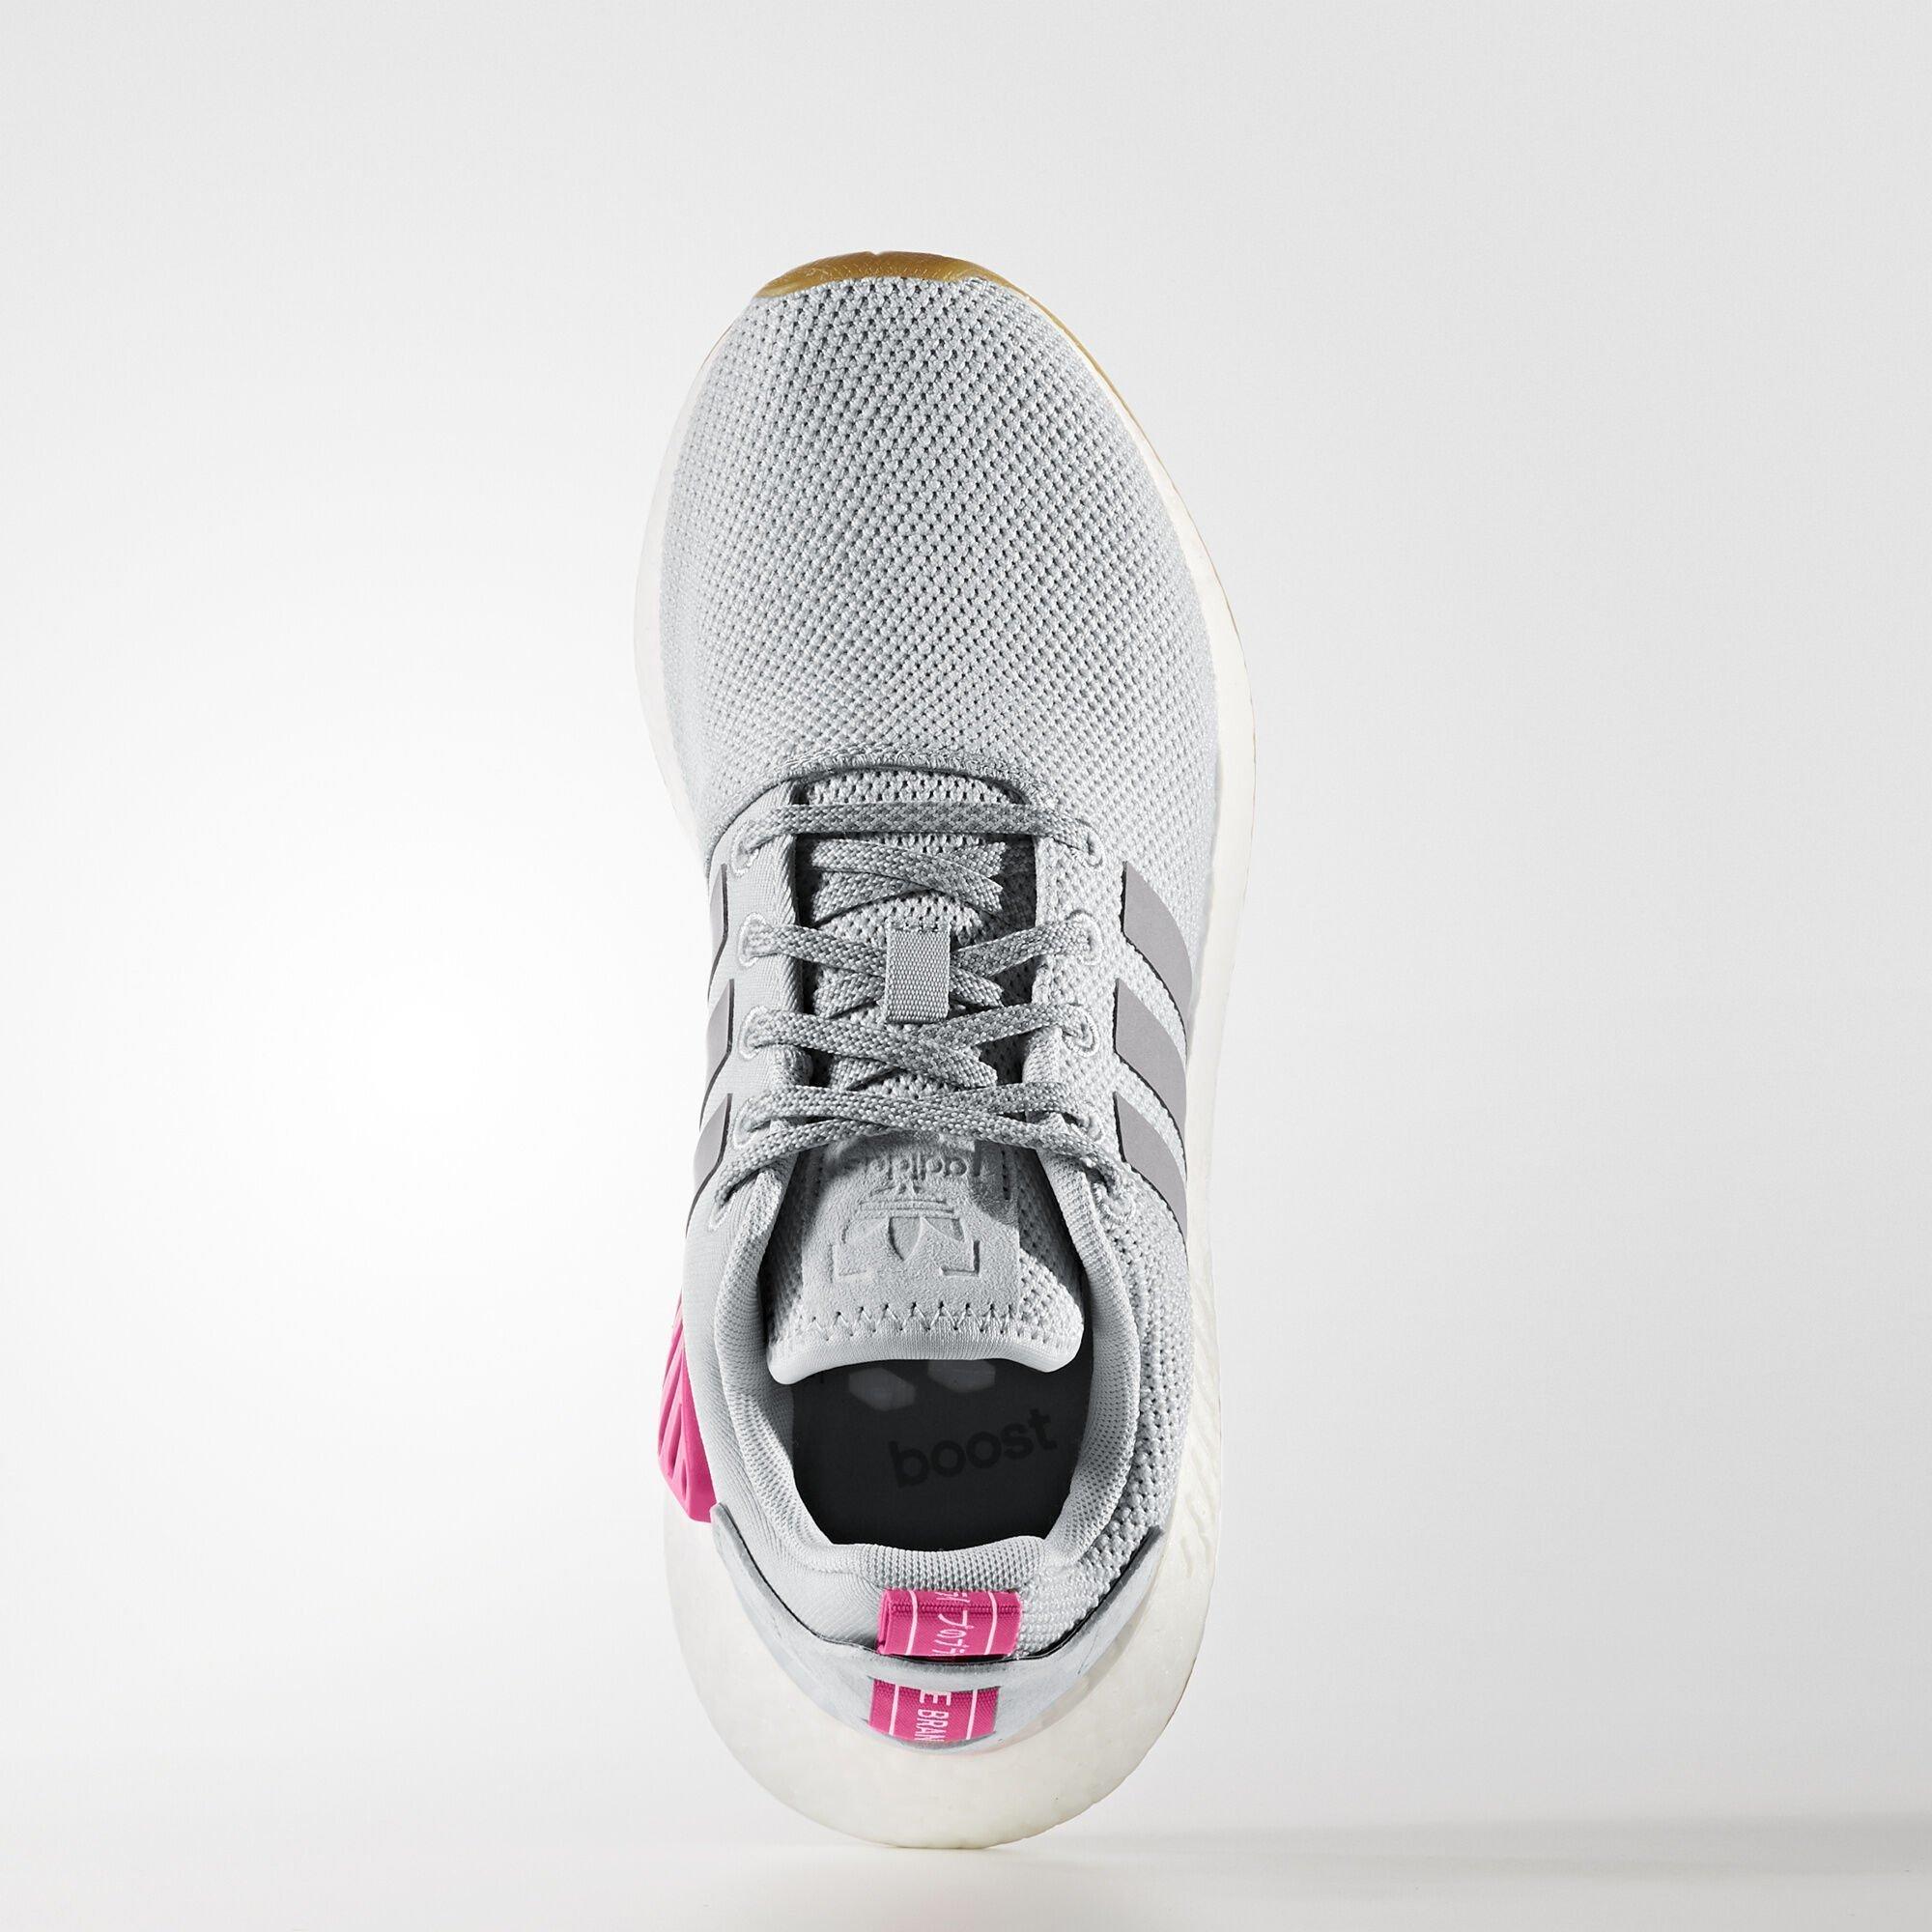 adidas  NMD R2 Grey Shock Pink (W) (BY9317)